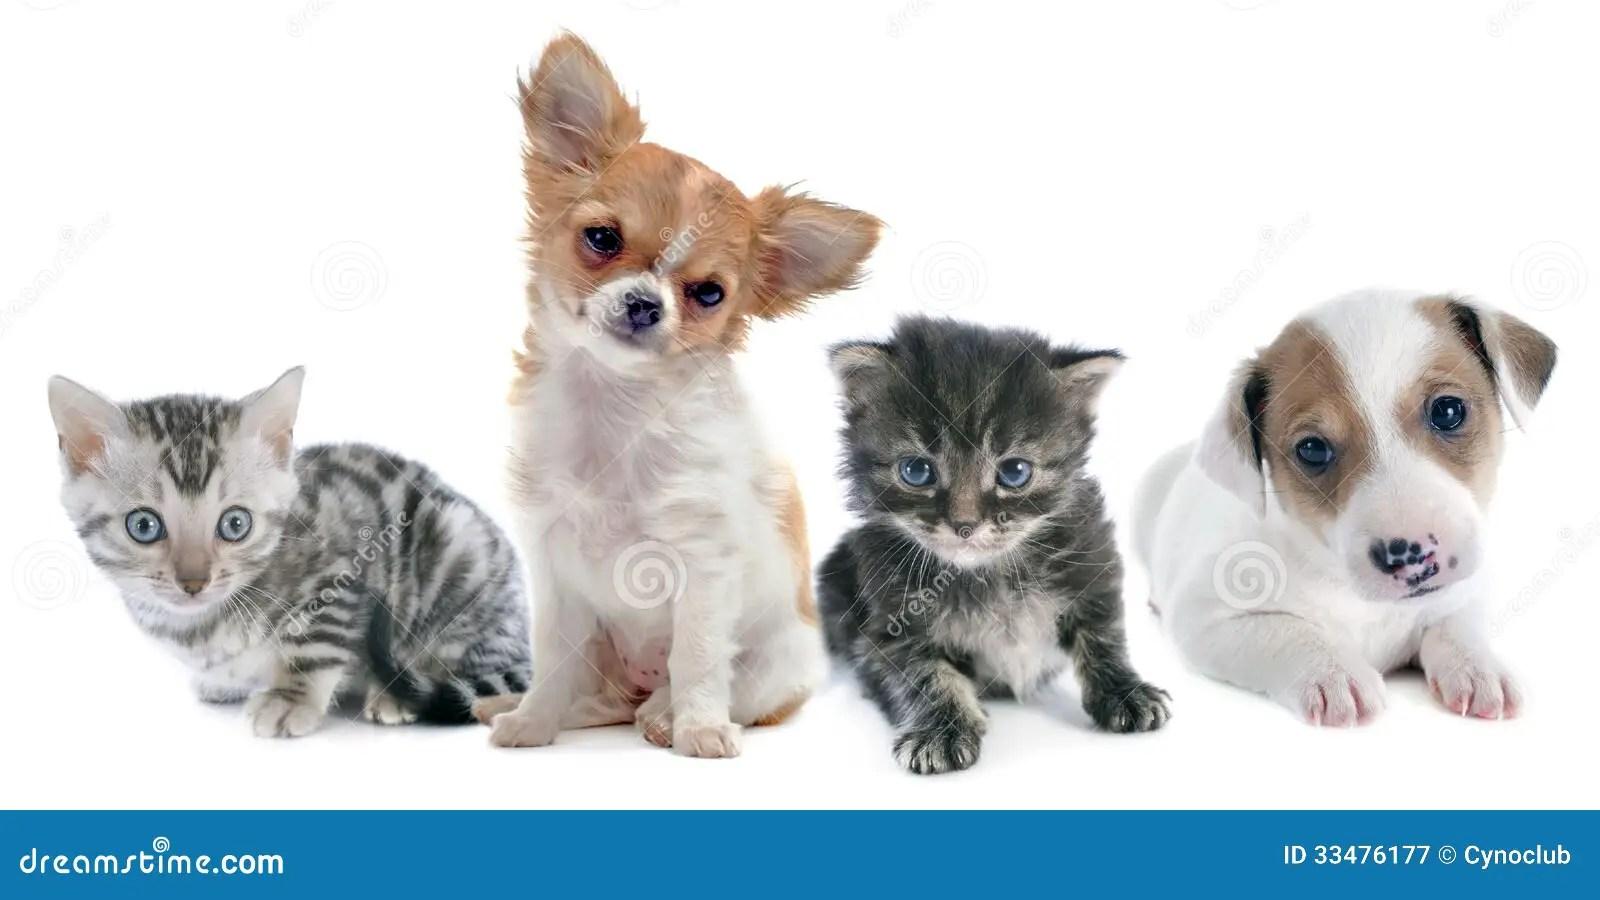 puppies and kitten stock